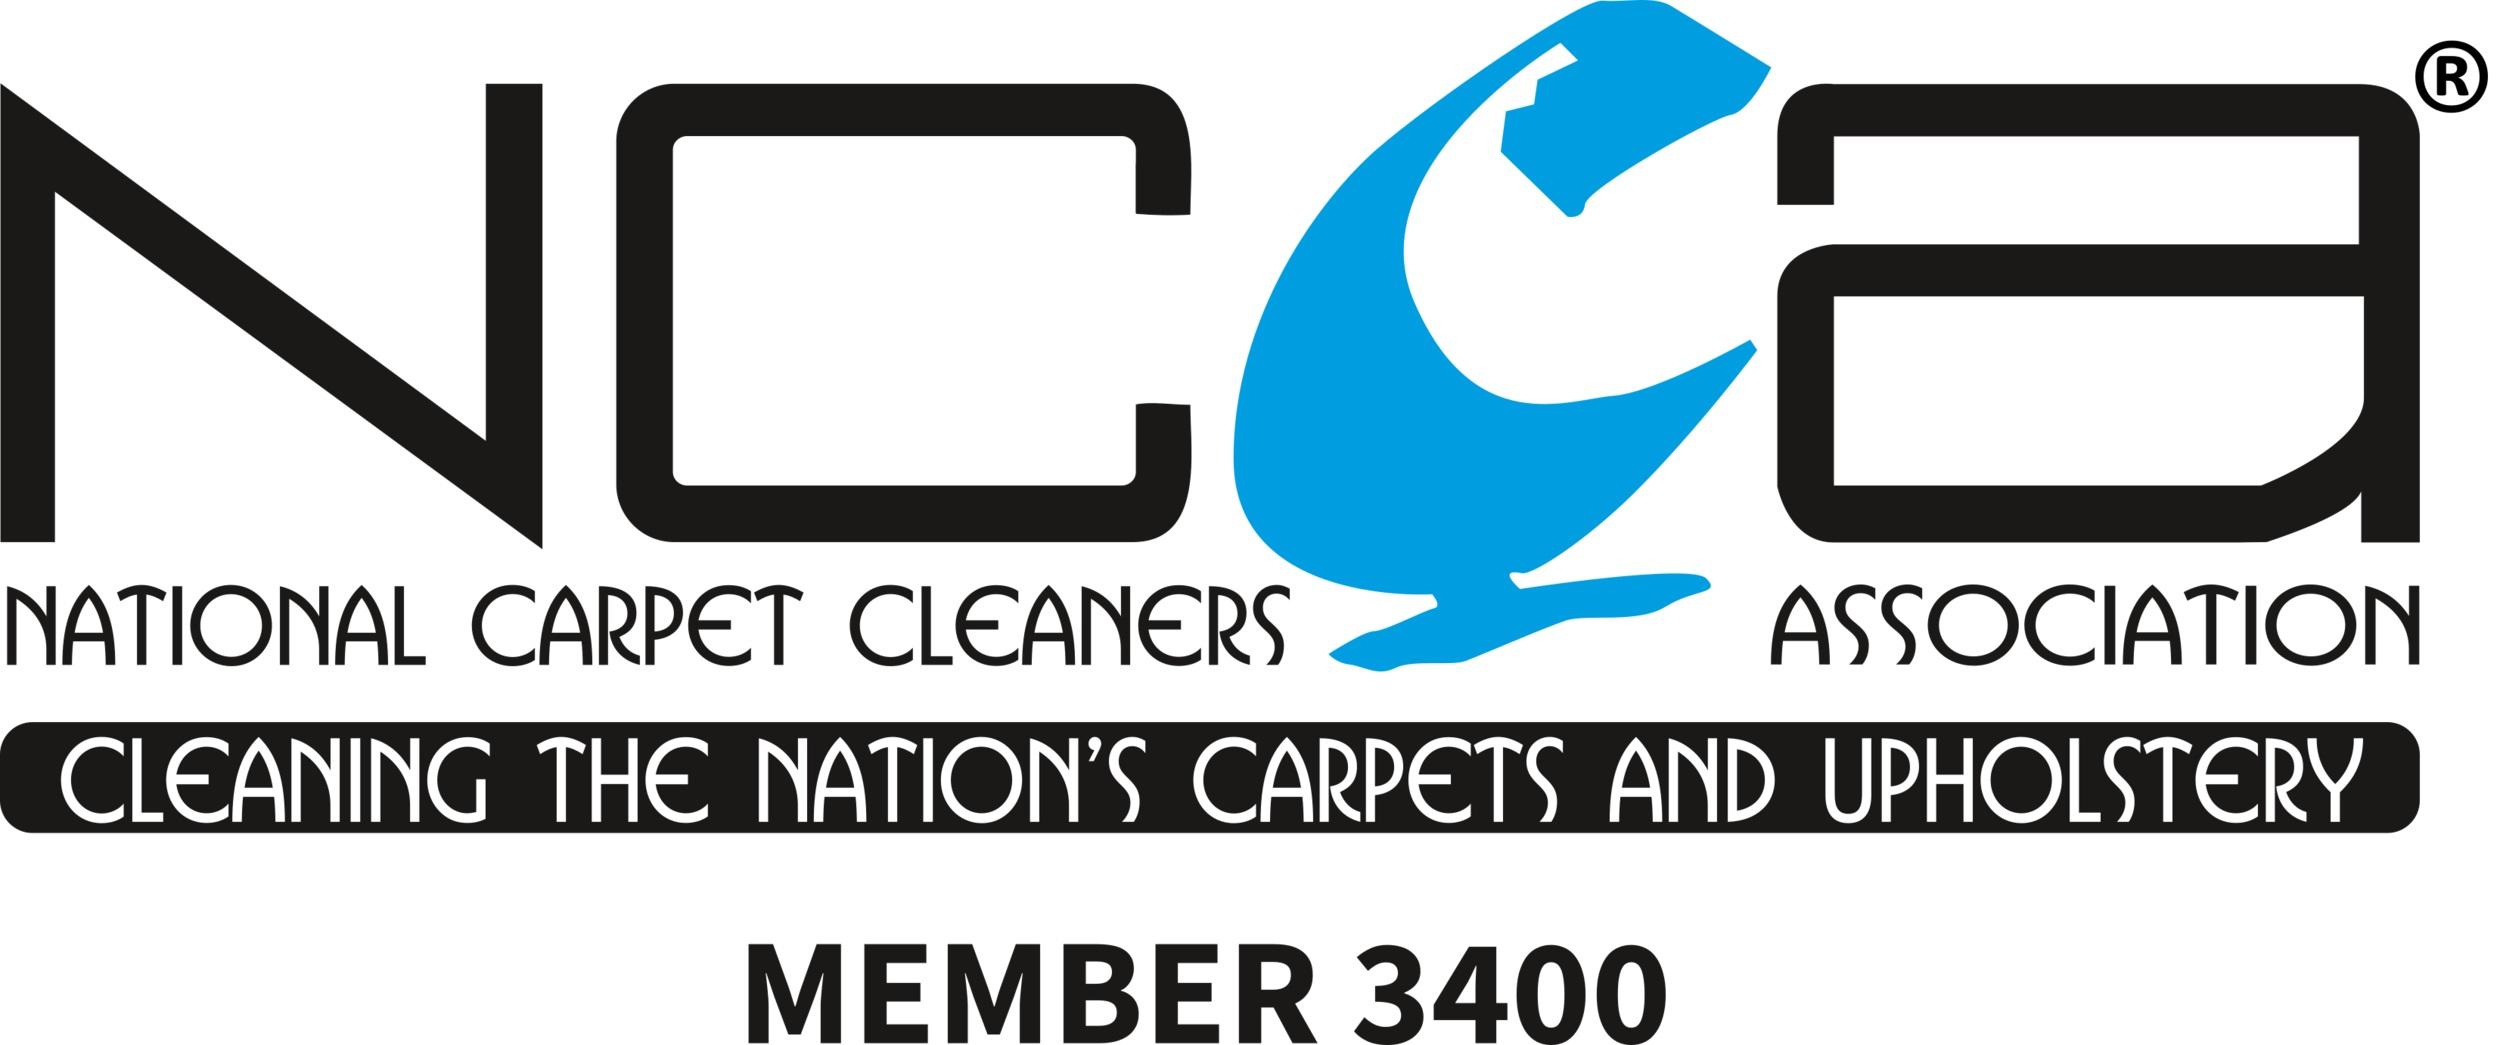 NCCA+Logo+M3400+-+Full+Member+-+February+2019.jpg